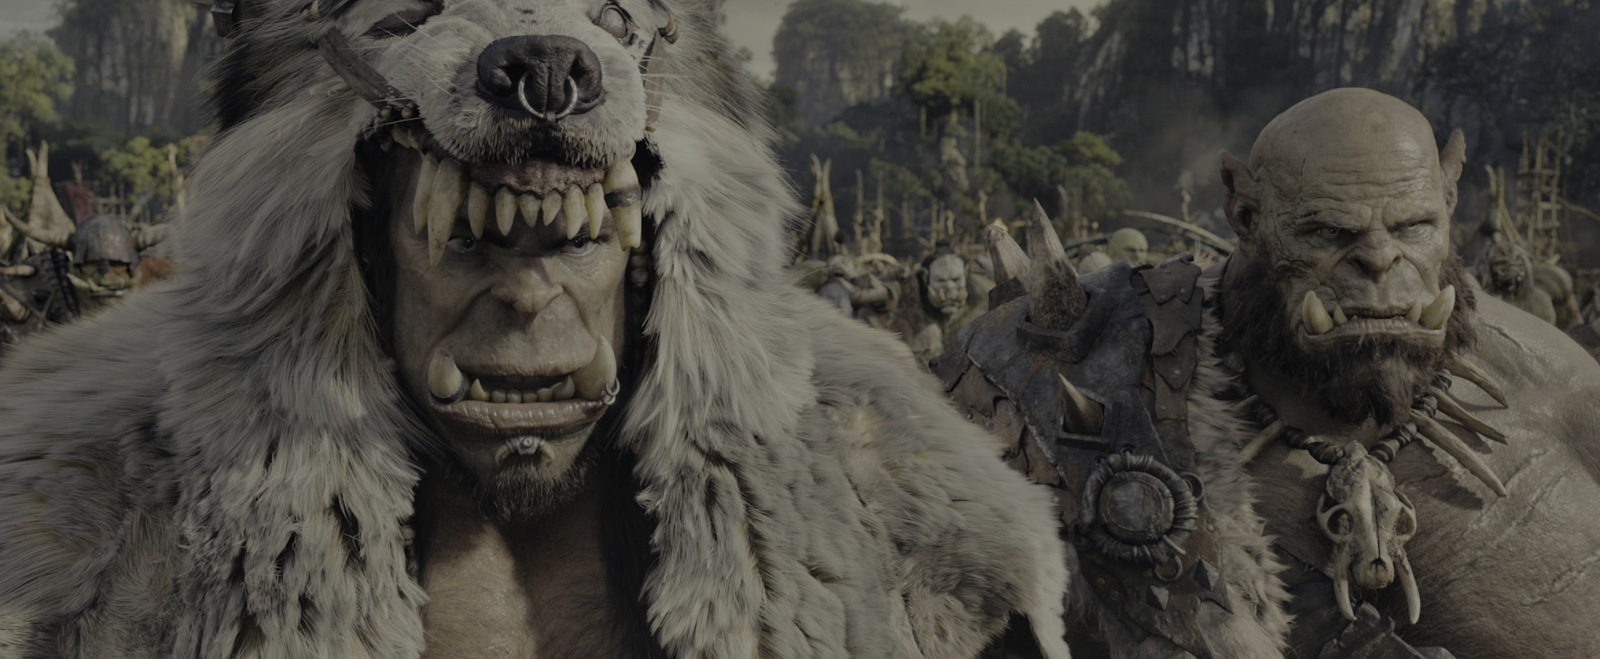 Warcraft: El Primer Encuentro de dos Mundos (2016) 4K UHD [HDR] Latino - Castellano - Ingles captura 3